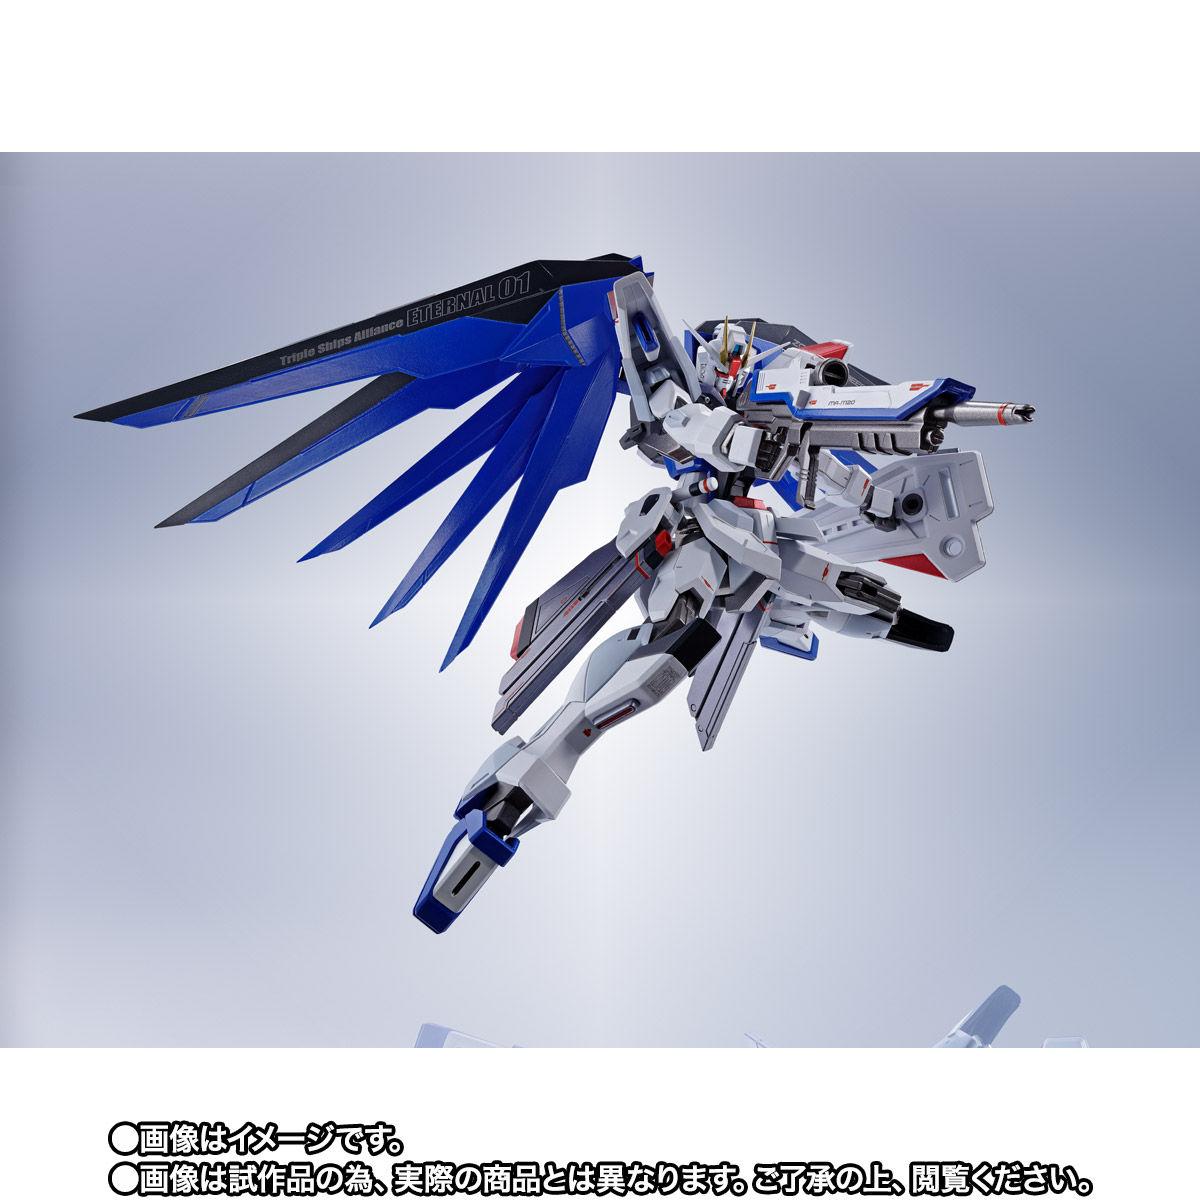 【限定販売】【再販】METAL ROBOT魂〈SIDE MS〉『フリーダムガンダム』ガンダムSEED 可動フィギュア-004